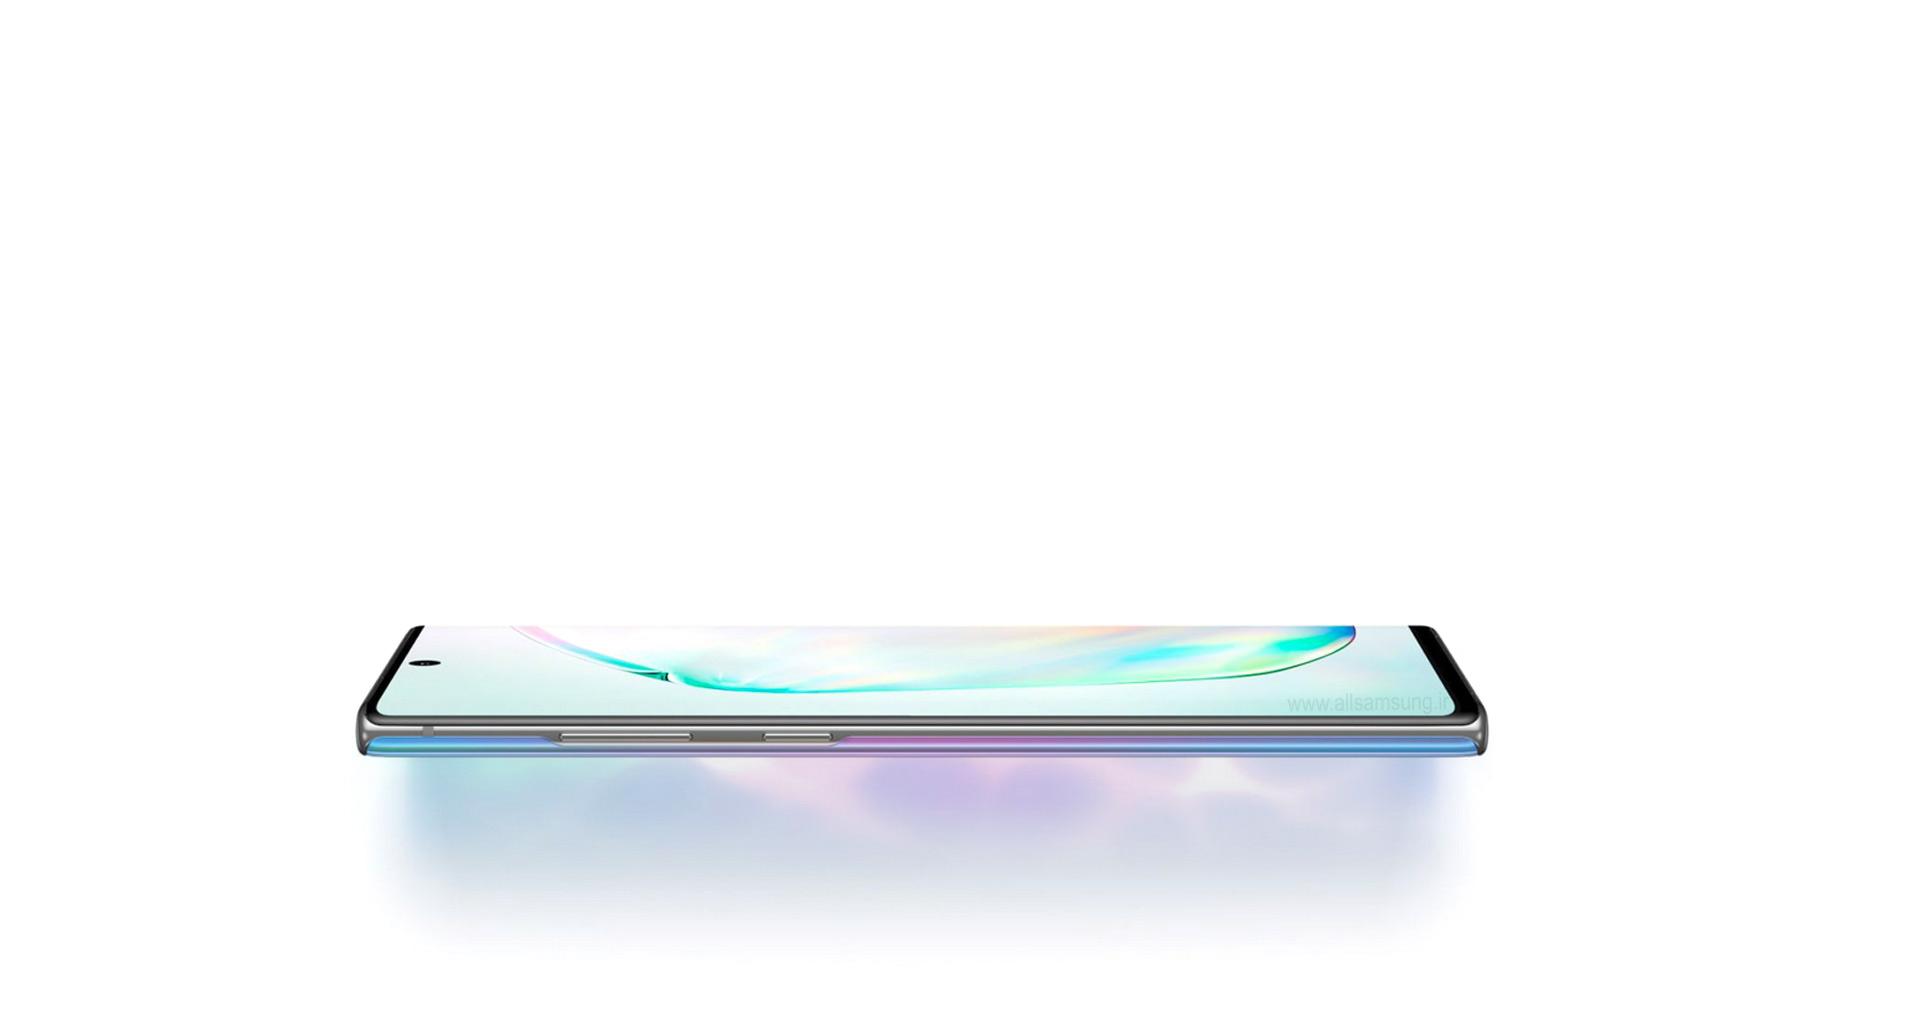 صفحه نمایش بزرگتر، سرعت بیشتر و وقفه کمتر با نوت +10 سامسونگ